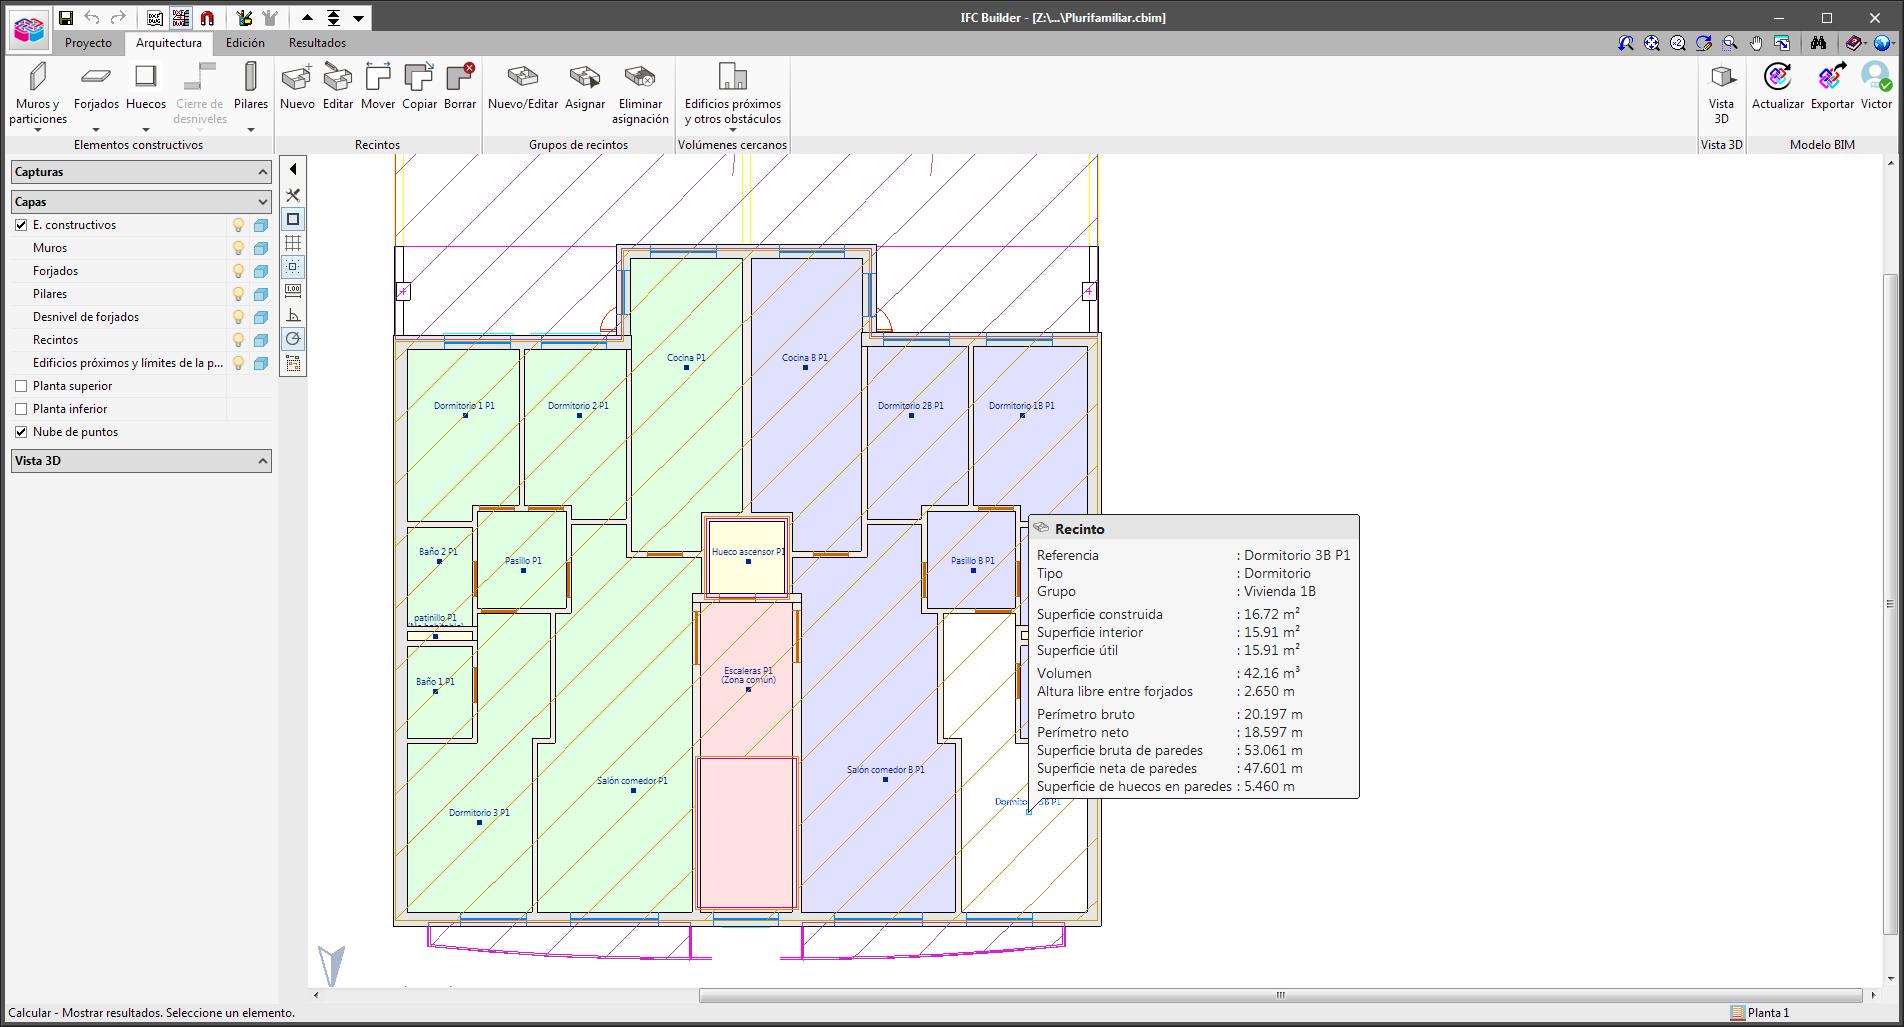 IFC Builder. Medición del modelo arquitectónico